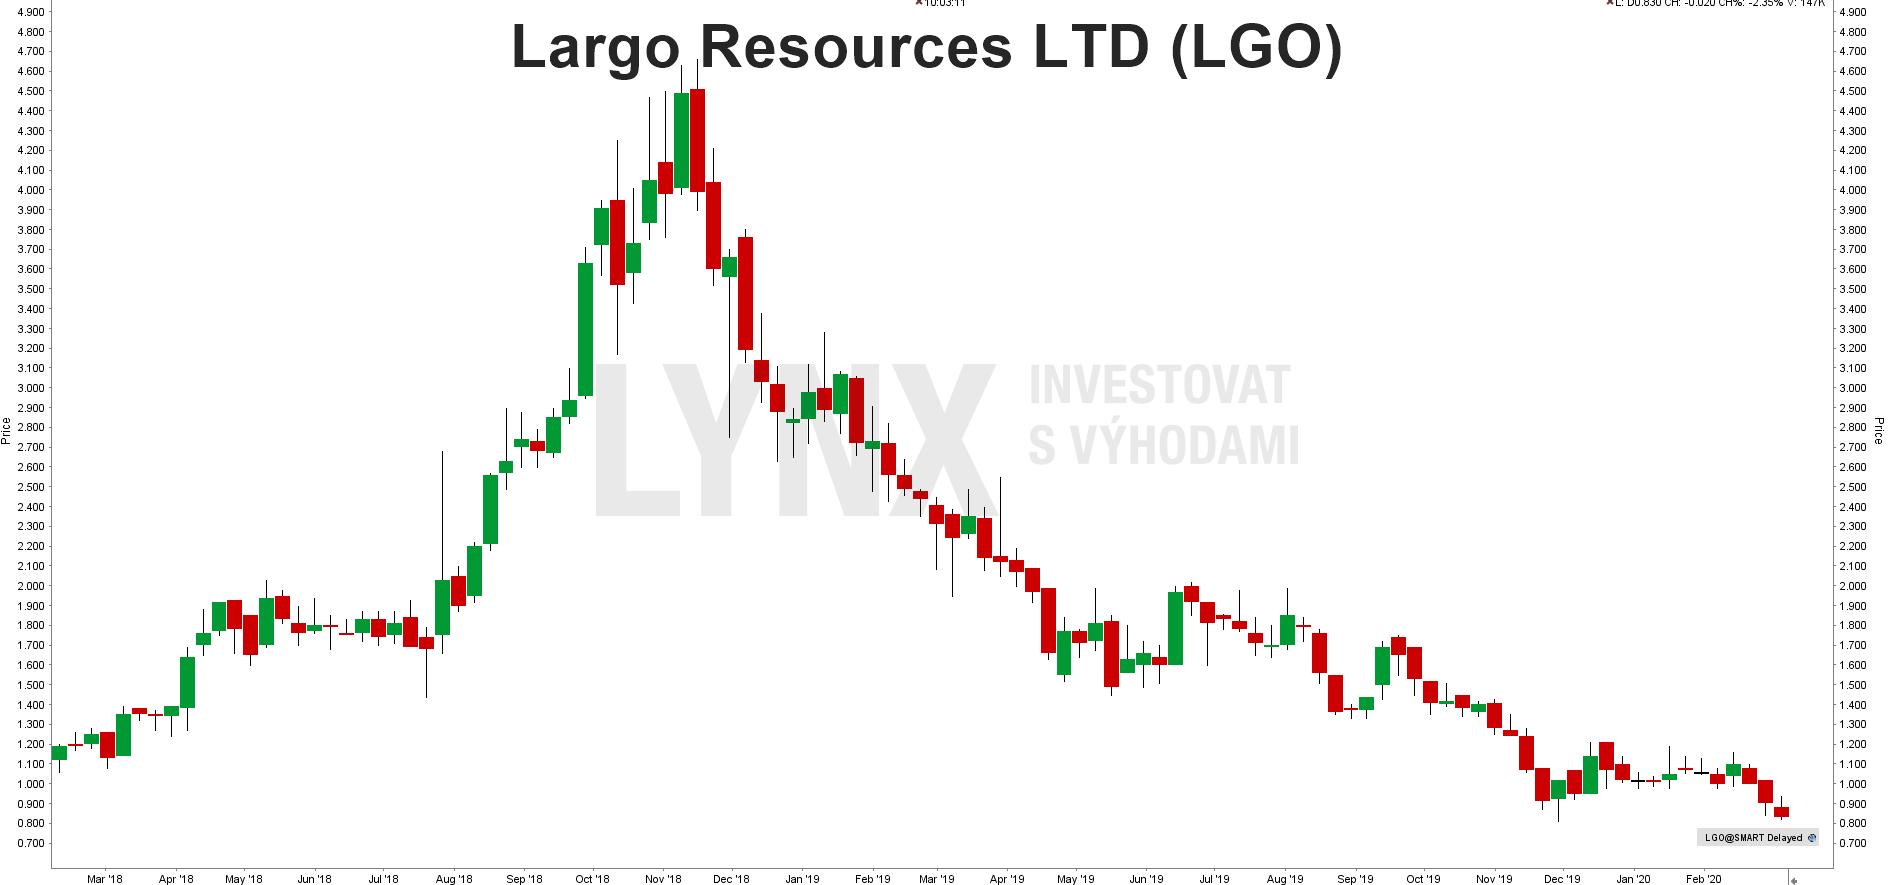 Akcie Largo Resources LTD (LGO)